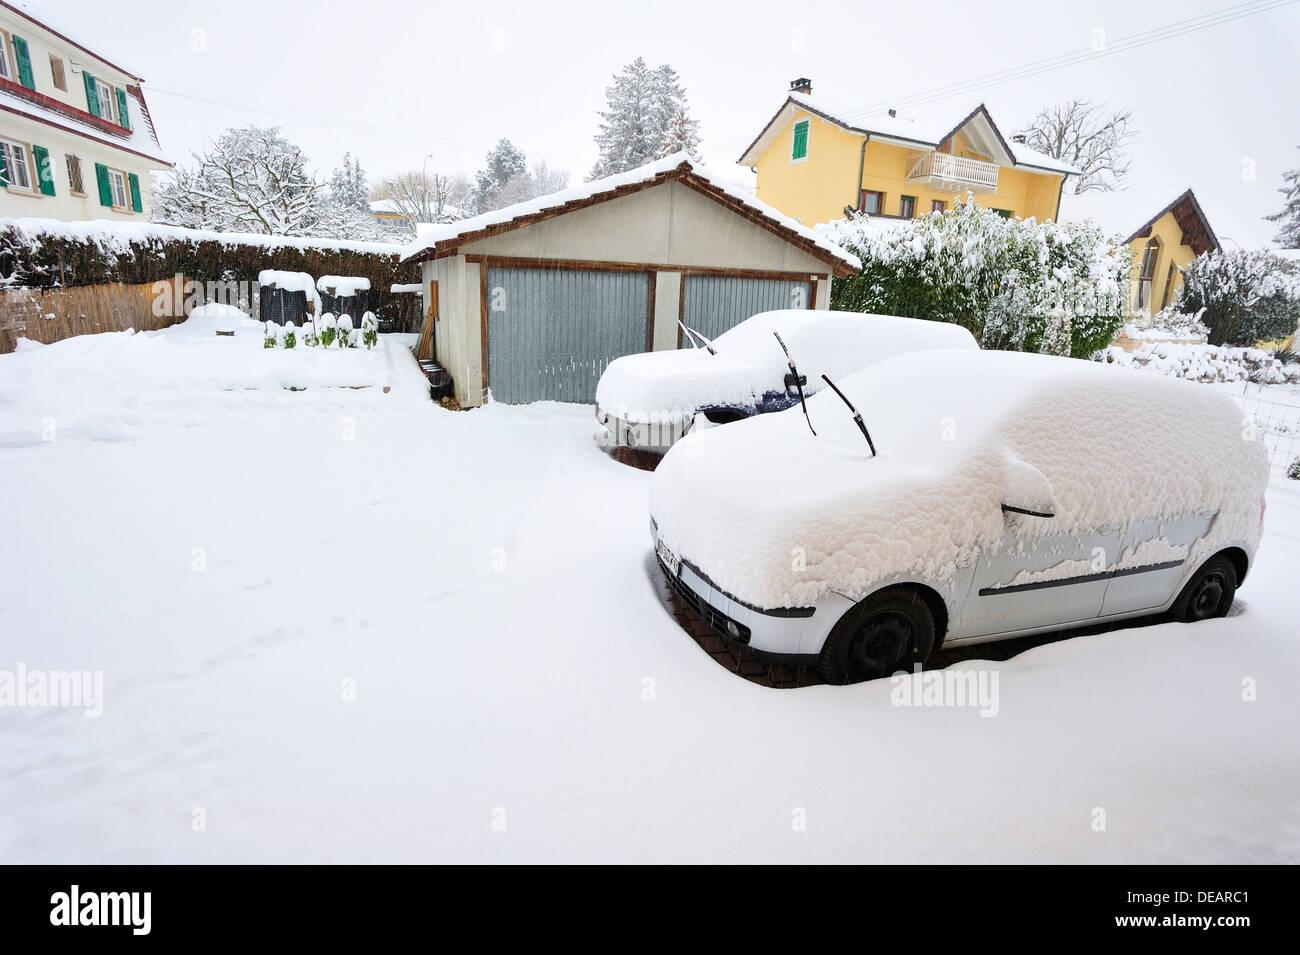 Schnee-Szene. Zwei geparkte Autos von Schnee bedeckt werden. Sie sind nicht in der Garage (im Hintergrund) Stockbild